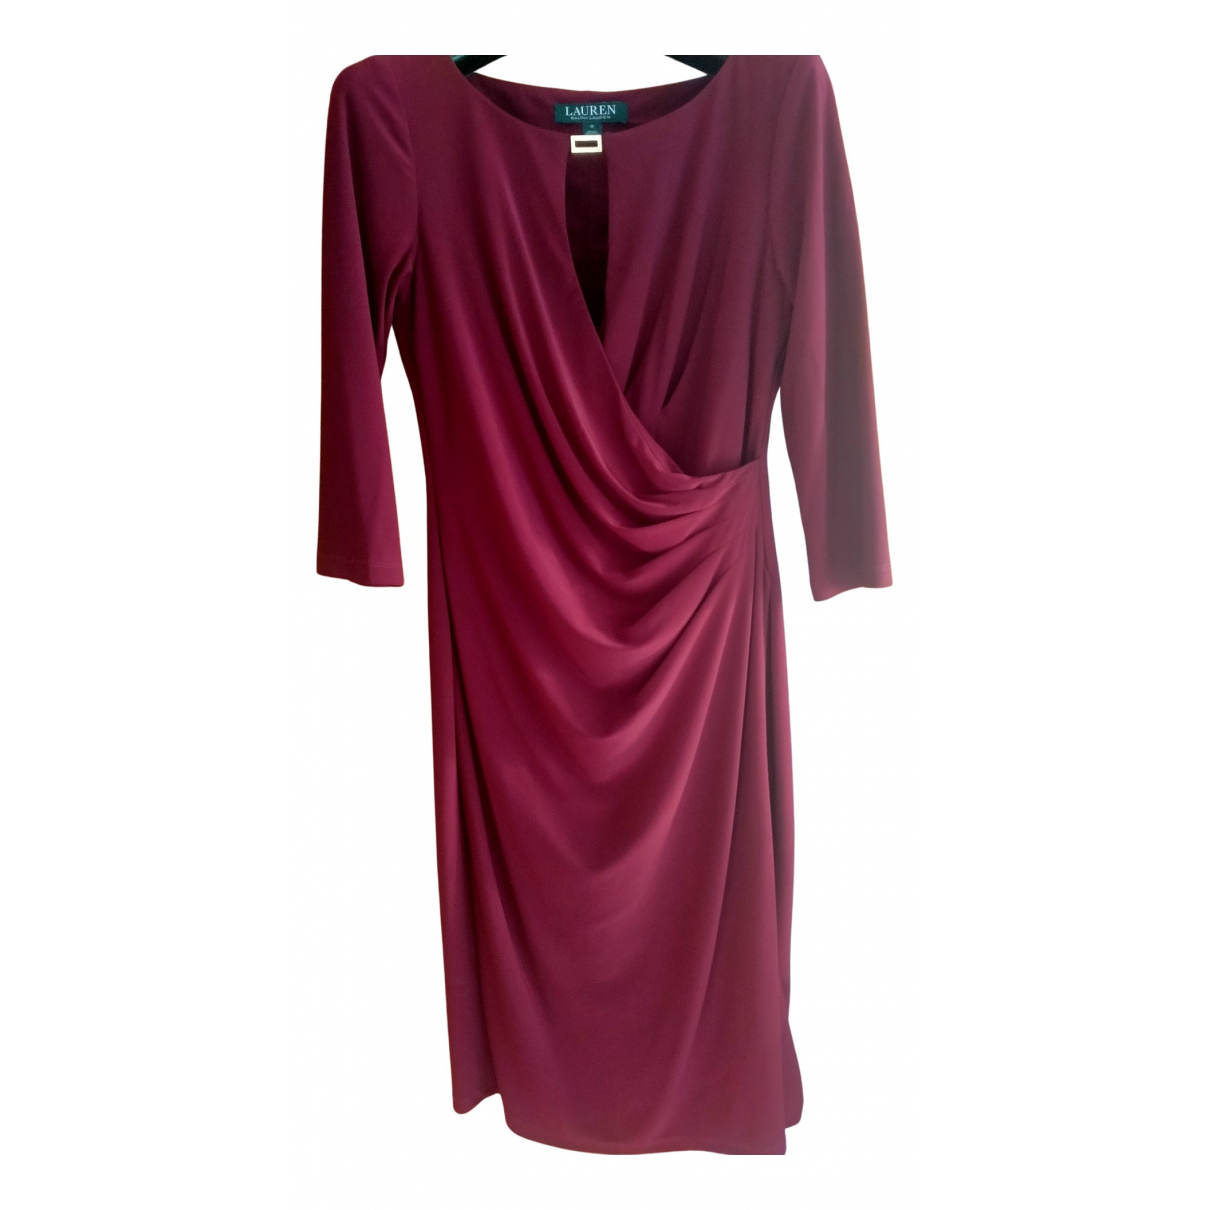 Lauren Ralph Lauren \N Kleid in  Bordeauxrot Polyester